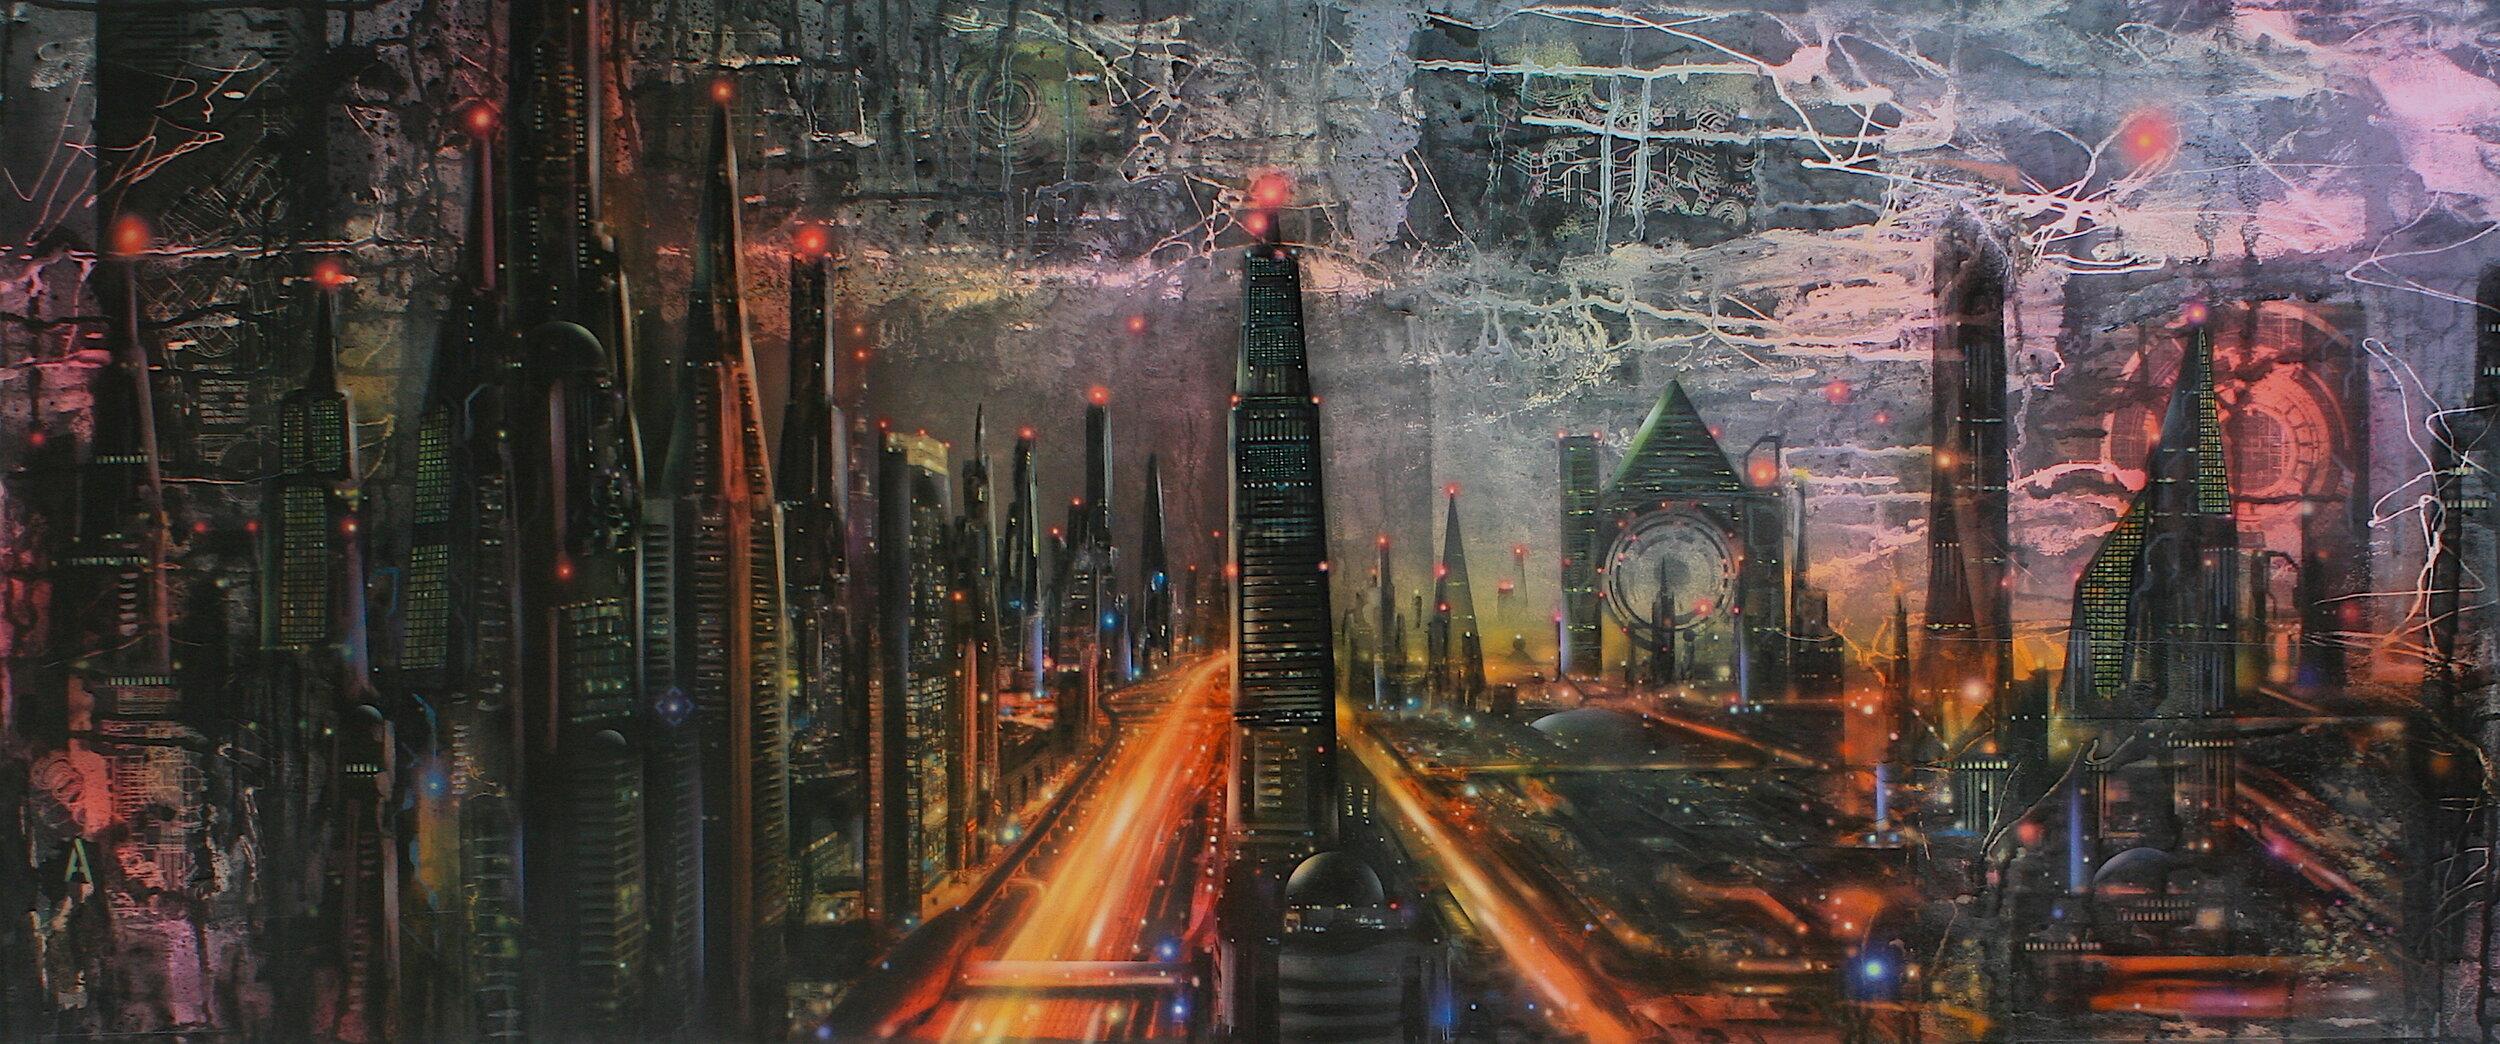 'Break of Dawn'      Original Mixed Media Work on Board  , 51 cm x 122 cm